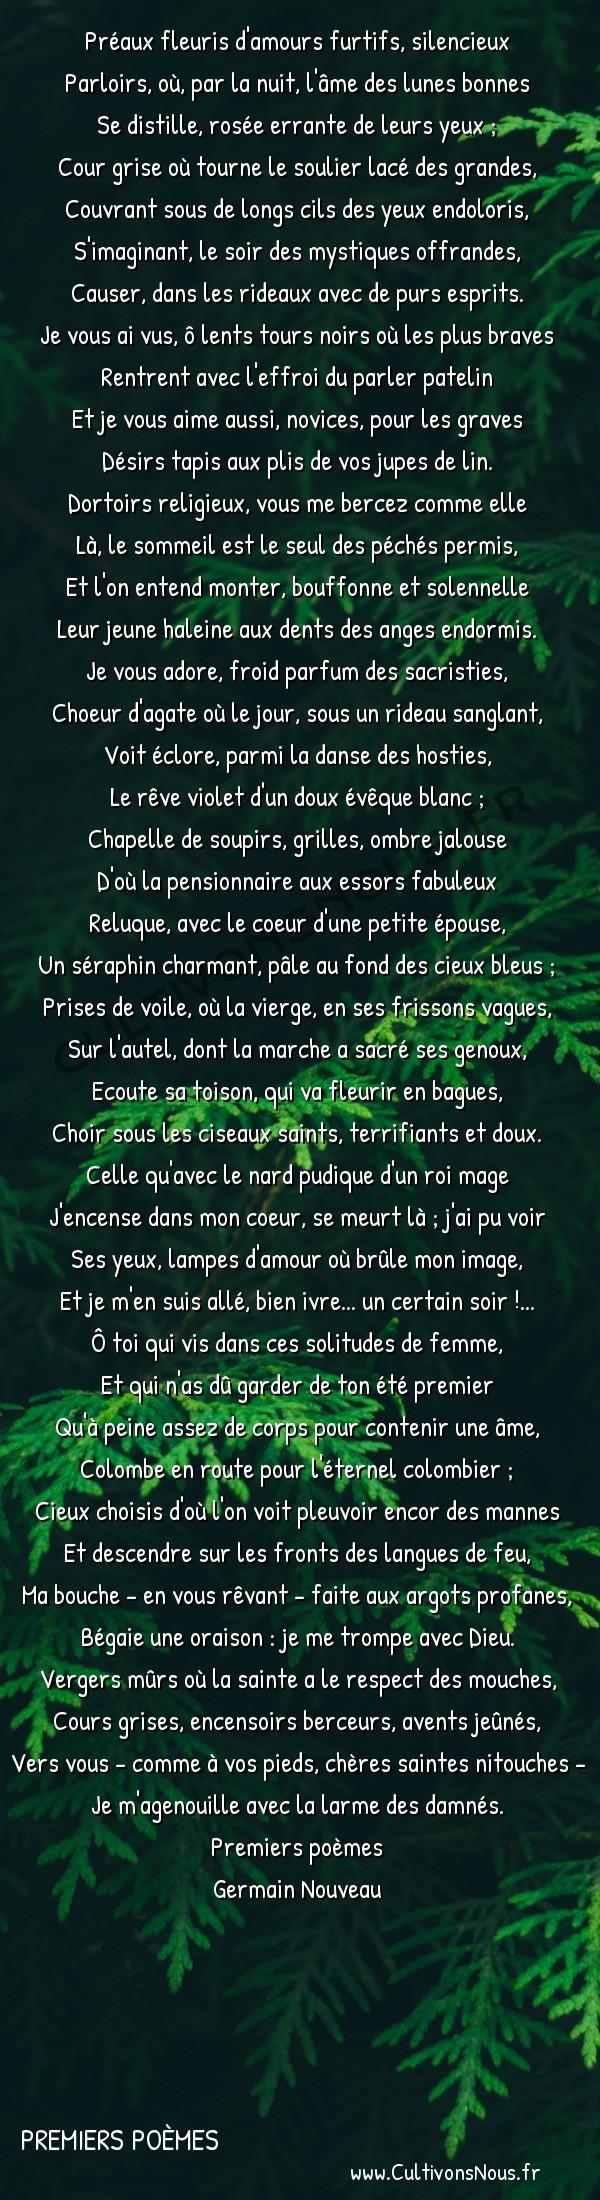 Poésie Germain Nouveau - Premiers poèmes - Rêve claustral -  Préaux fleuris d'amours furtifs, silencieux Parloirs, où, par la nuit, l'âme des lunes bonnes